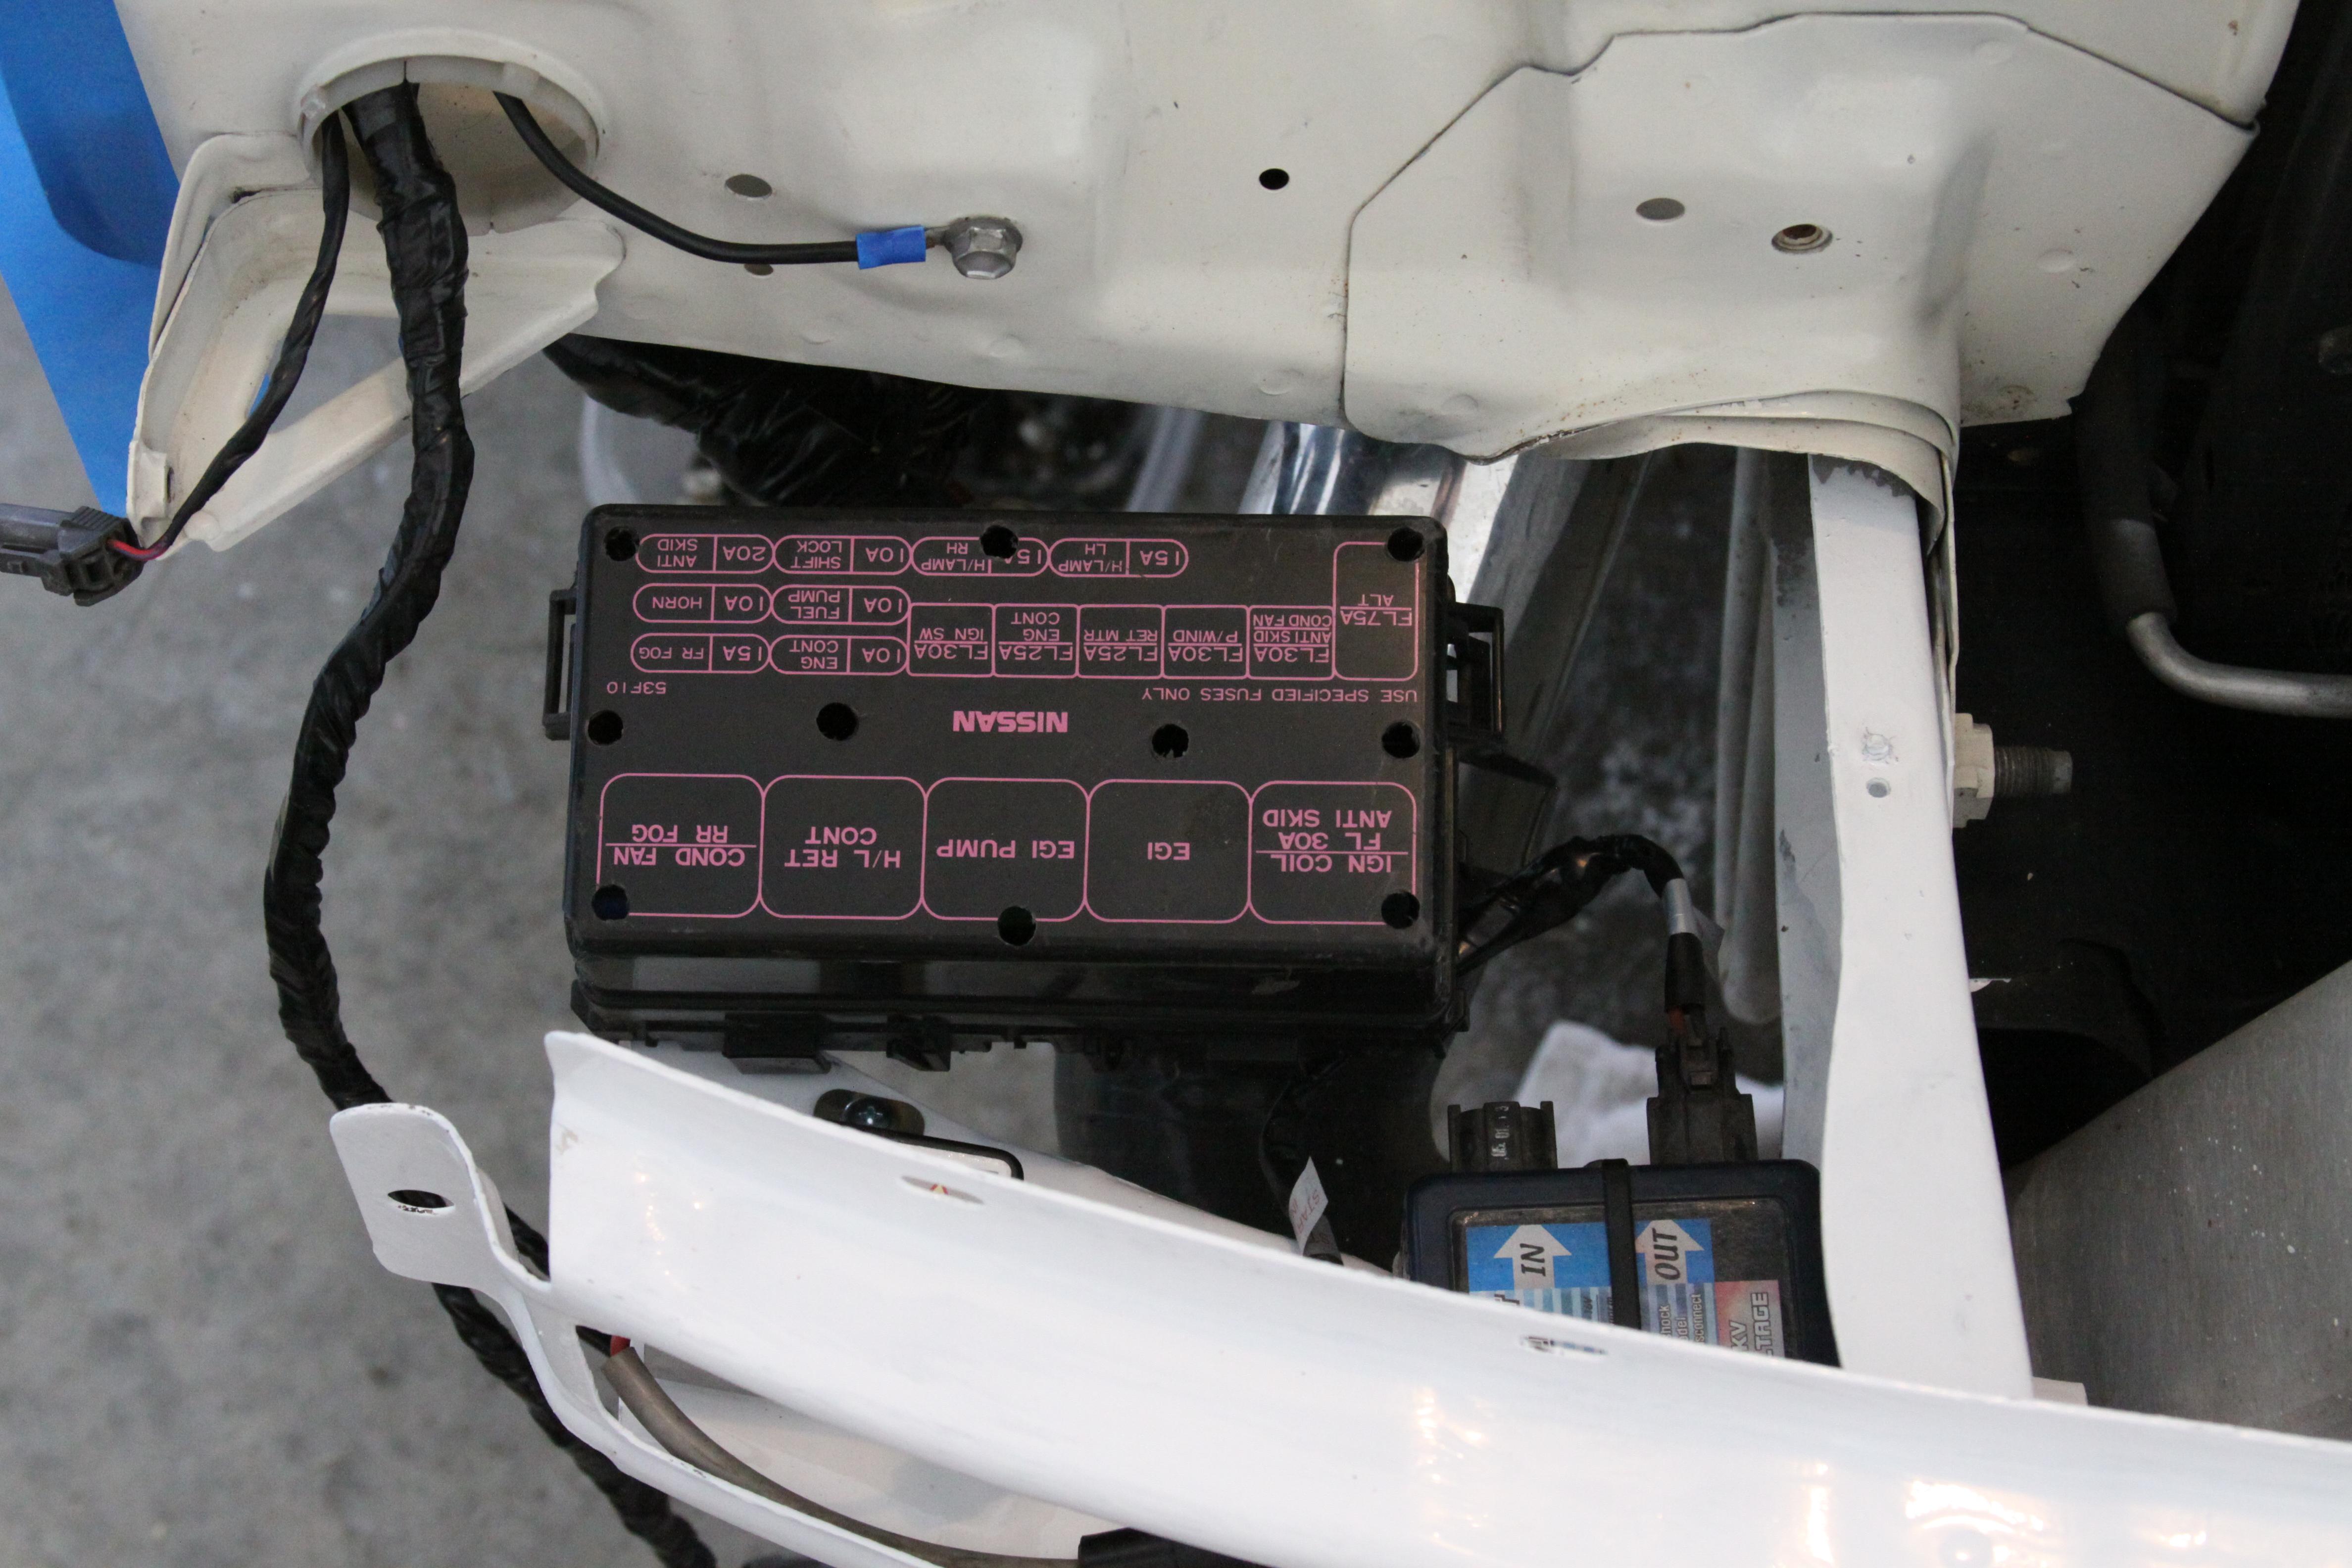 medium resolution of s13 240sx fuse box schematic diagram 240sx battery fuse box